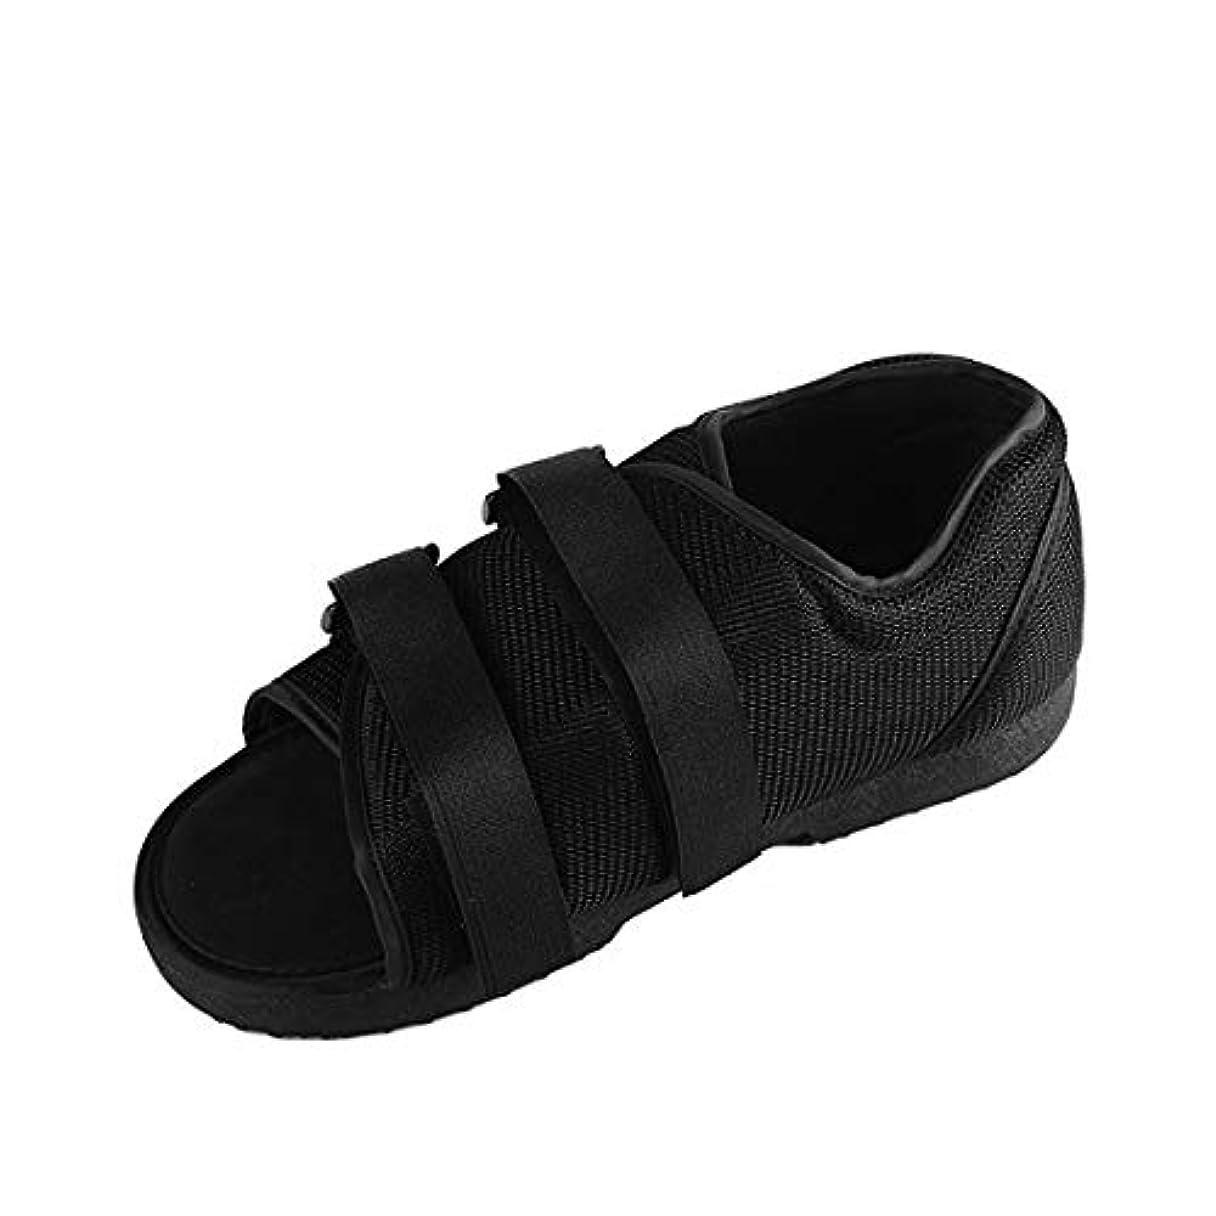 コンピューターゲームをプレイする嵐のアイデア医療足骨折石膏の回復靴の手術後のつま先の靴を安定化骨折の靴を調整可能なファスナーで完全なカバー,WS23.5*9cm